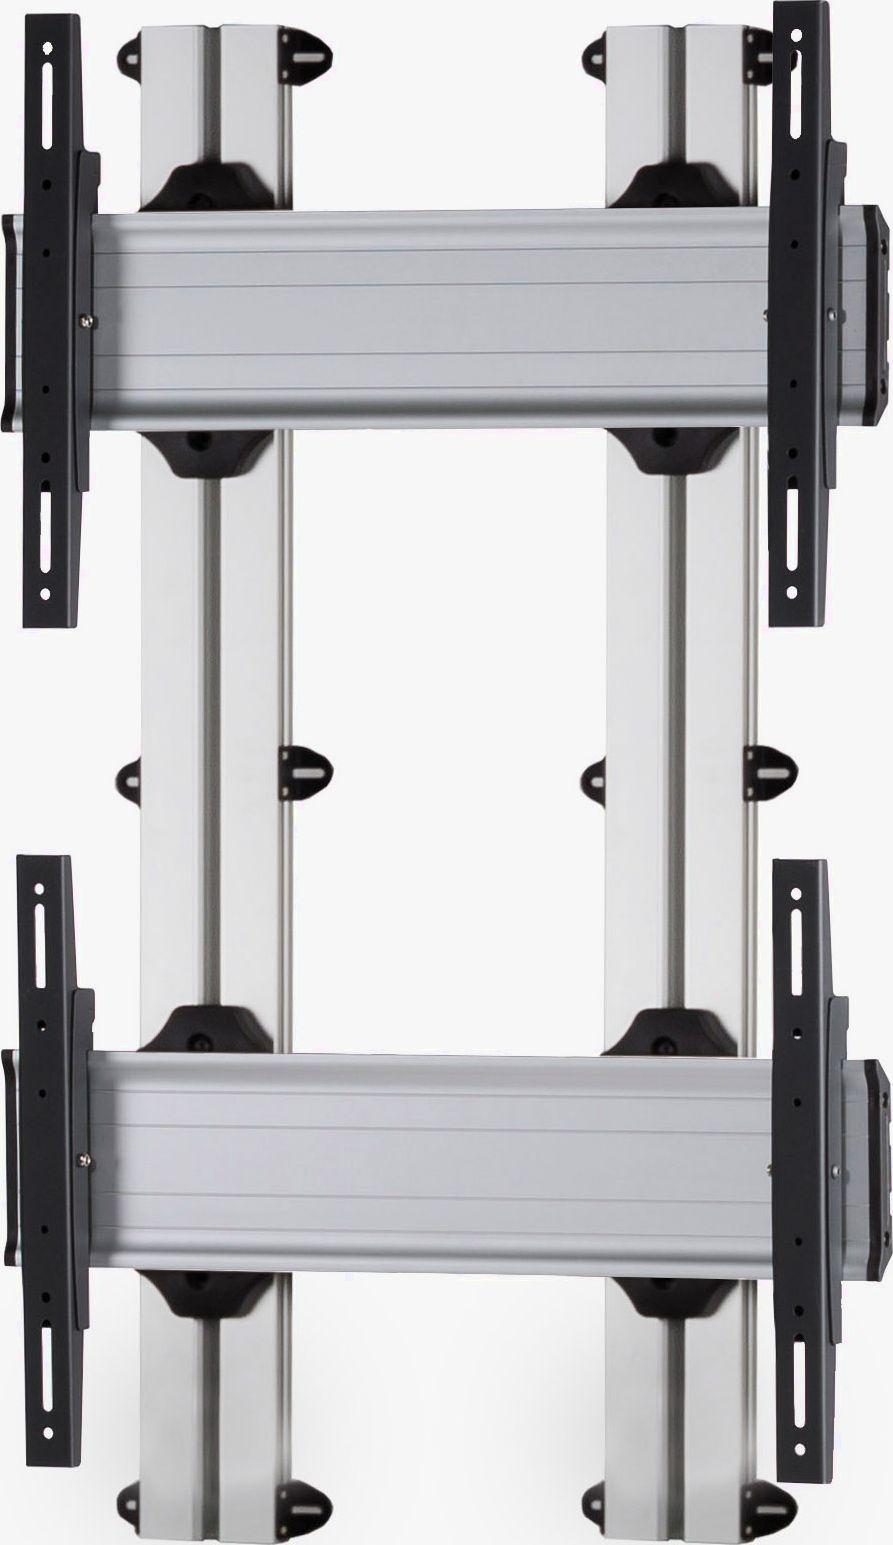 2 Displays 2×1, für große Bildschirme, Standard-VESA, zur Wandbefestigung